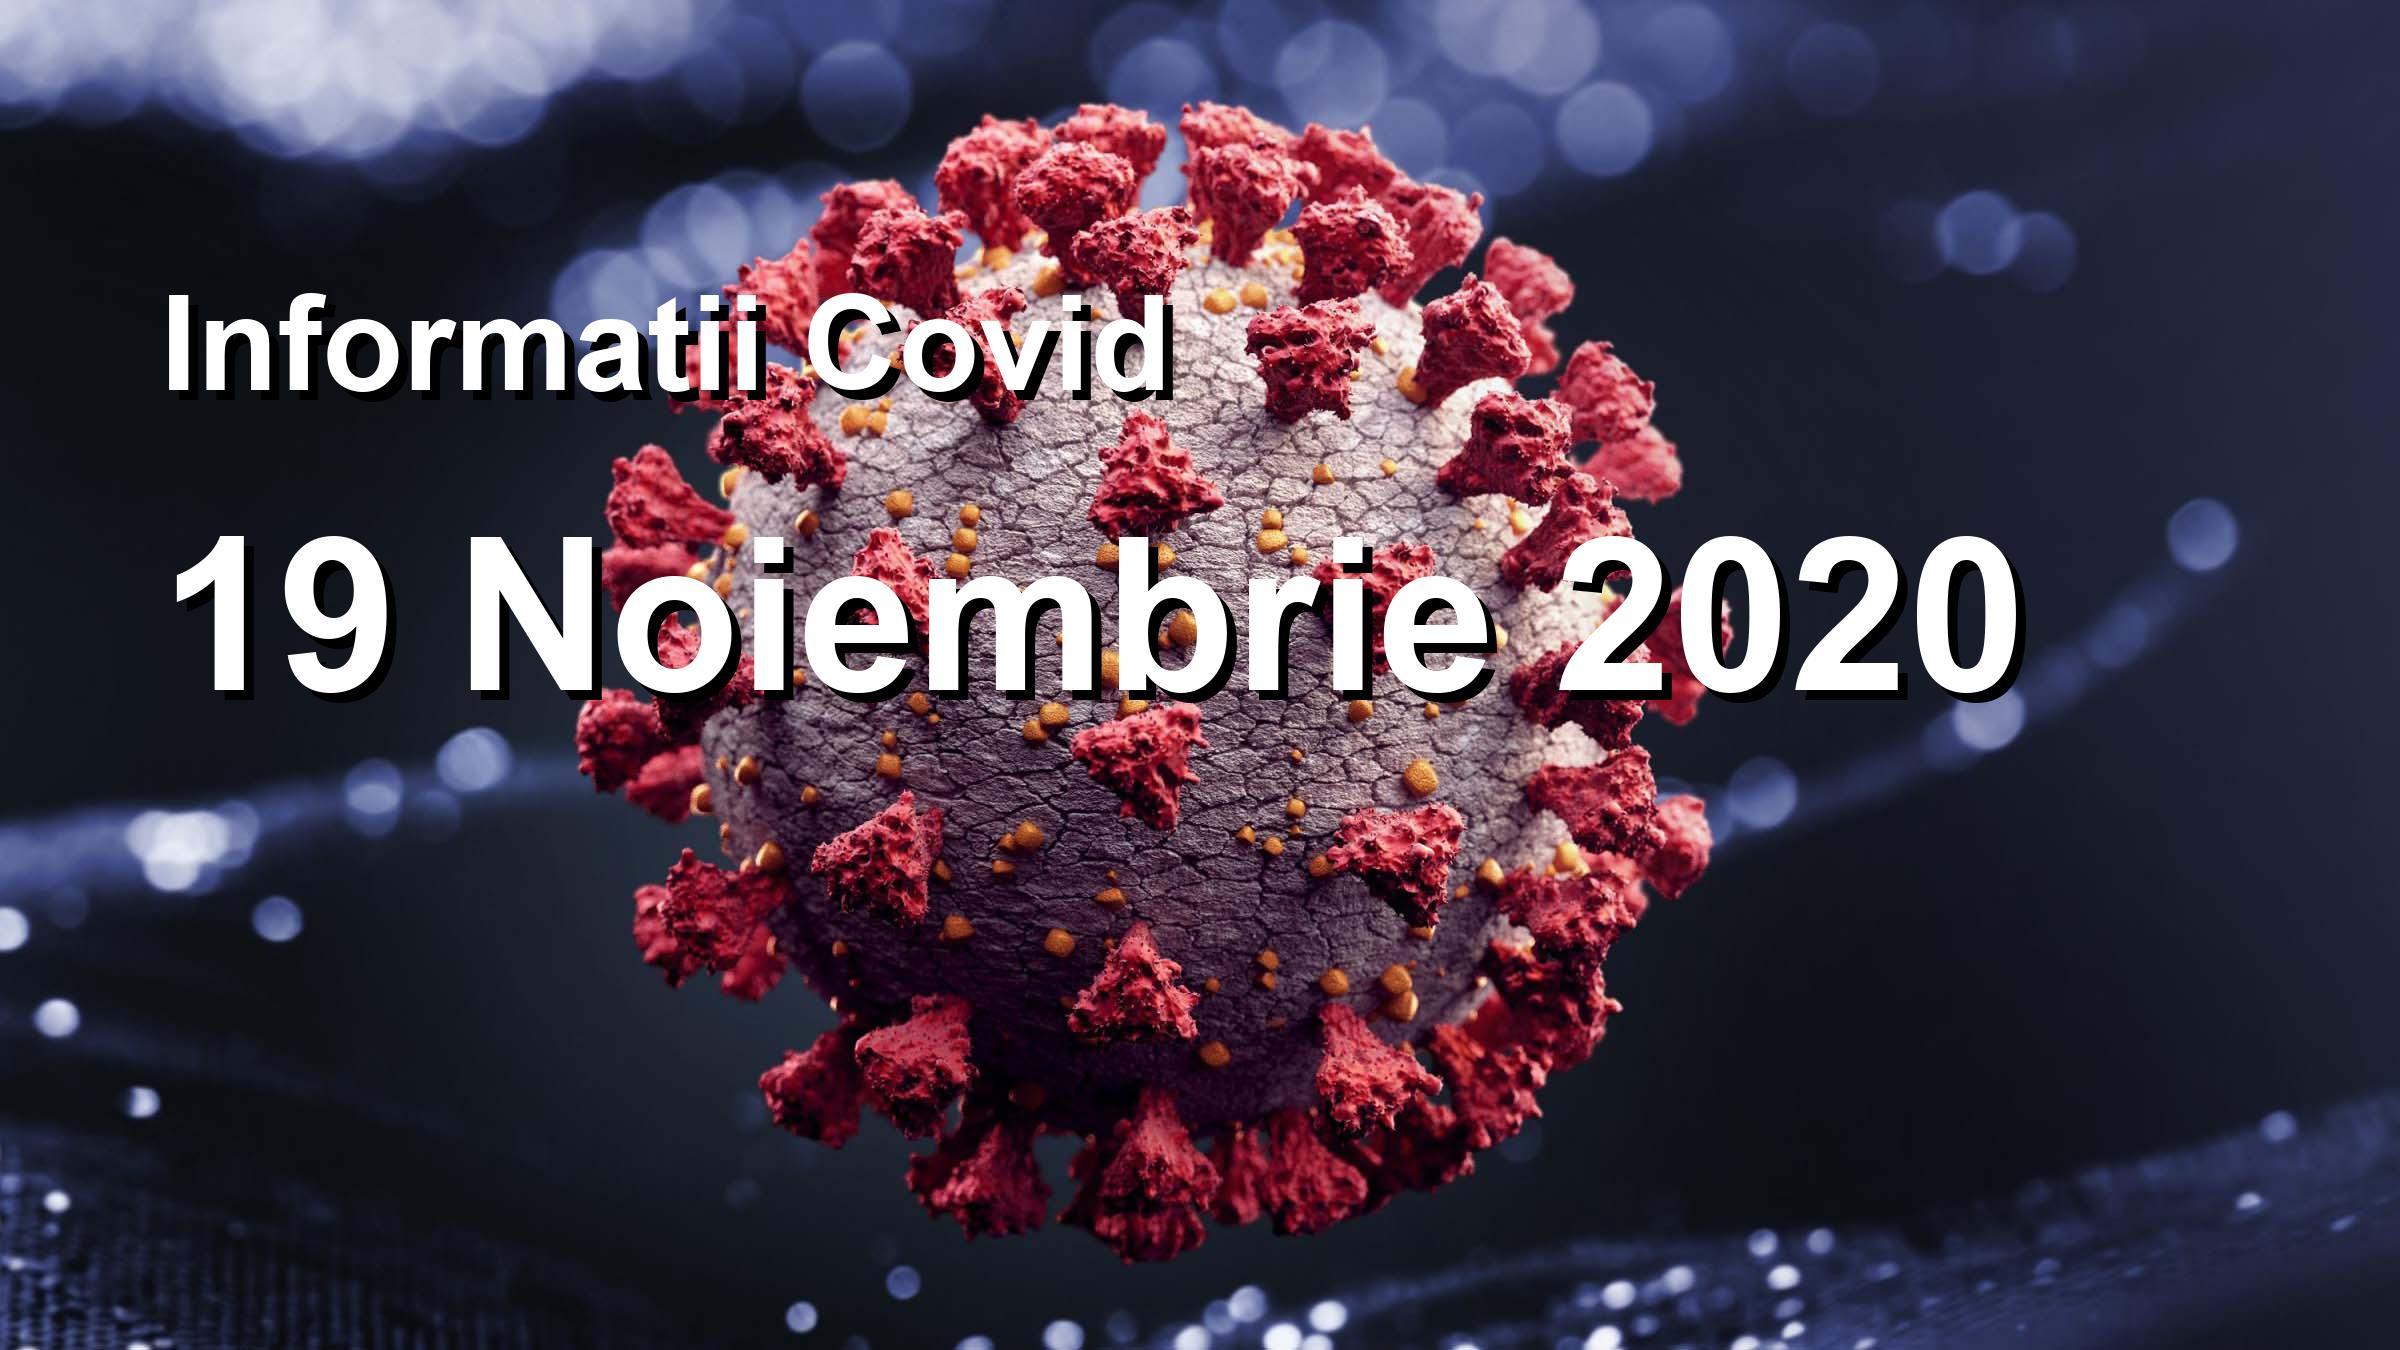 Informatii Covid-19 pentru 19 Noiembrie 2020: 10108 infectari, 36963 teste. | Coronavirus Romania